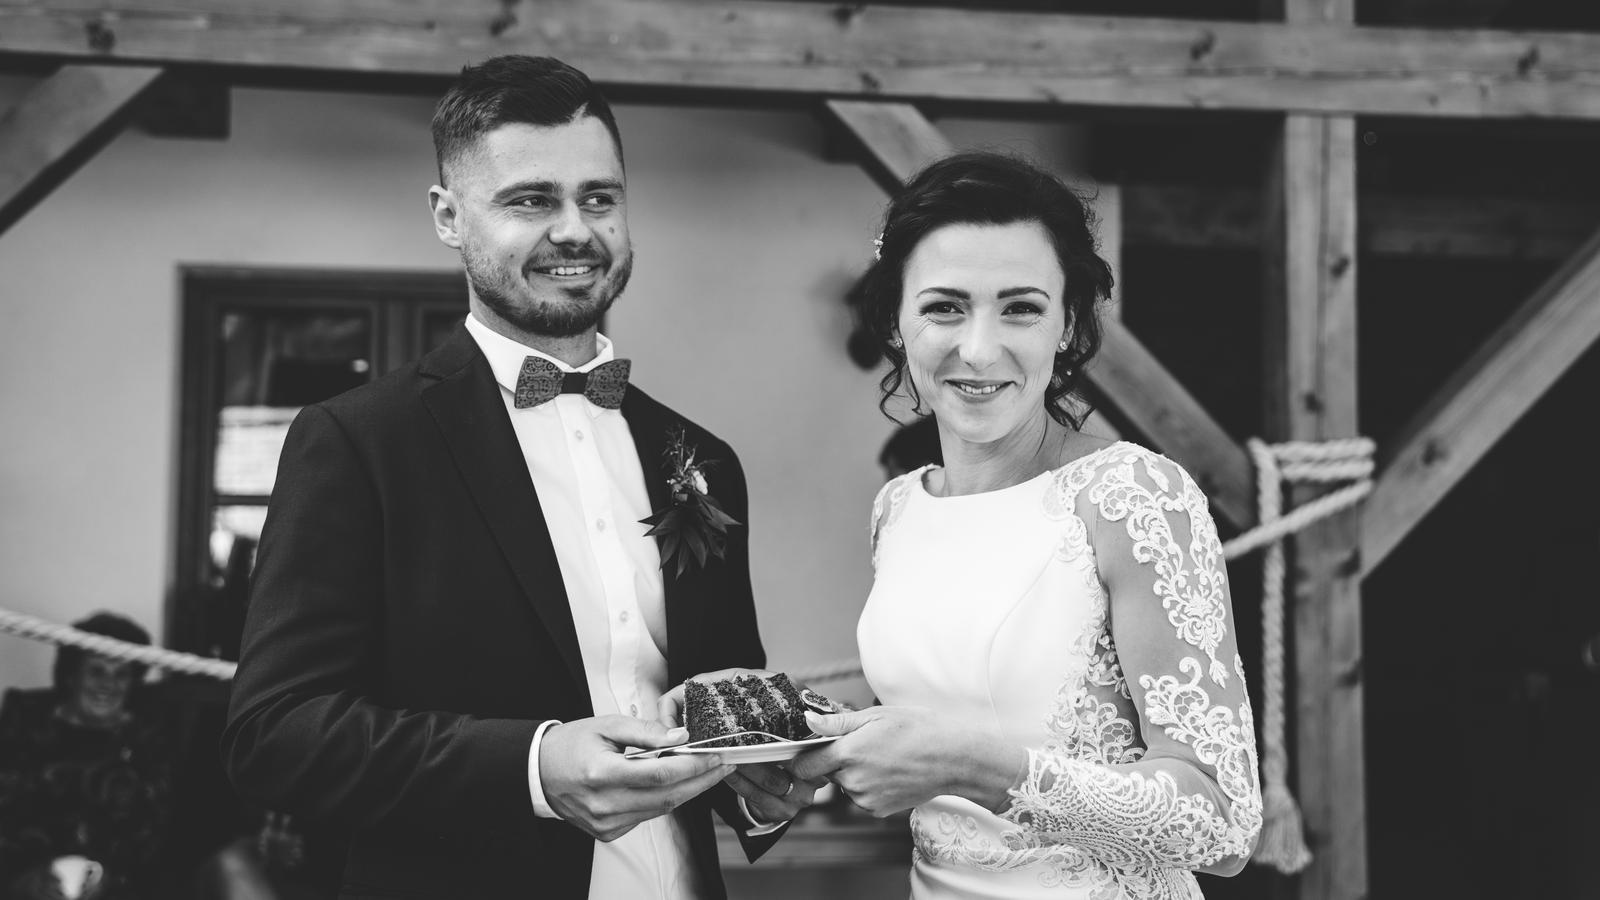 Kateřina & Tomáš (Podzimní svatba 2019) - Obrázek č. 20